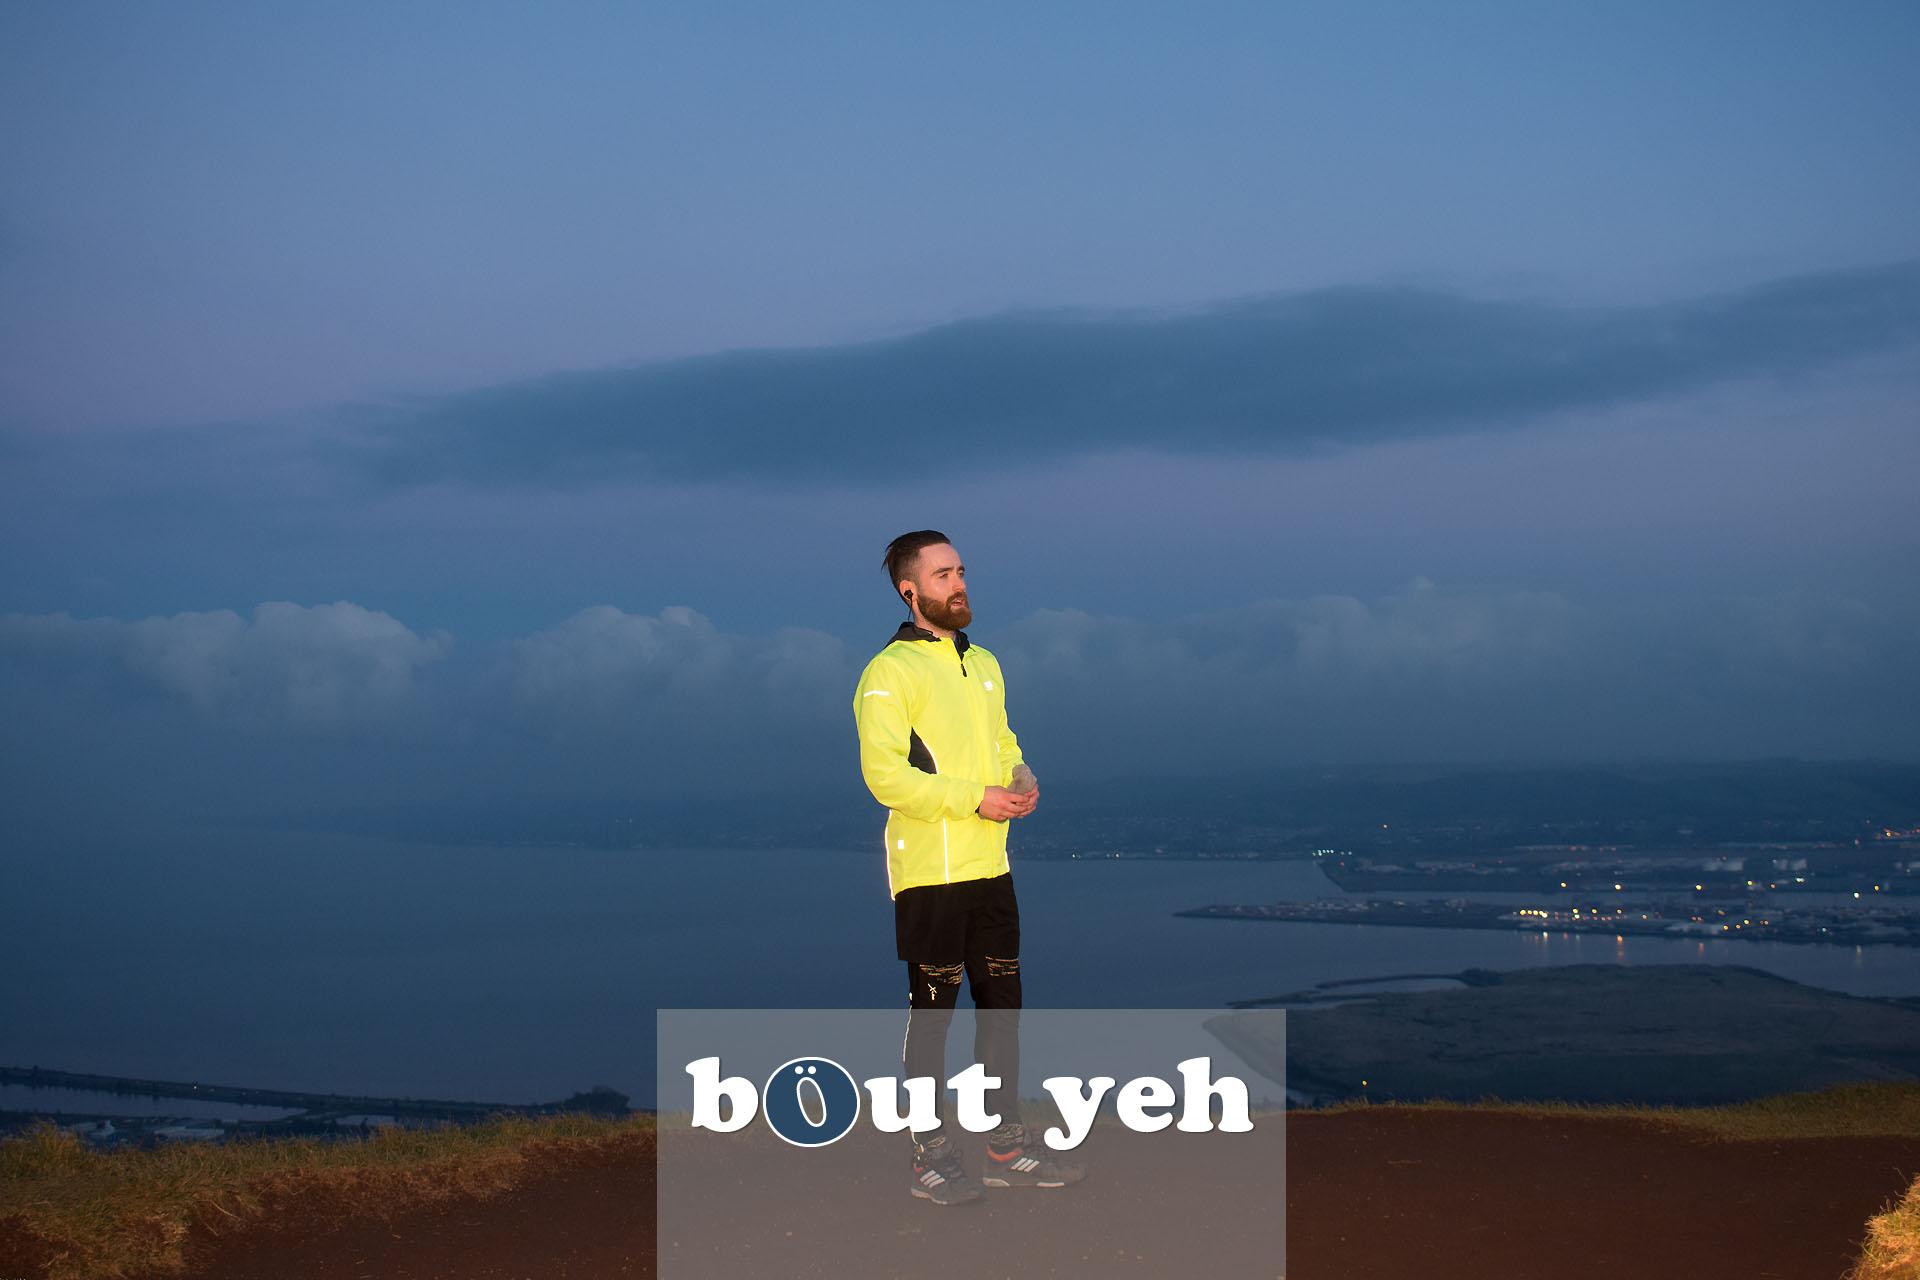 Hill runner at McArts Fort, Cavehill, Belfast, Belfast - photo 4131.